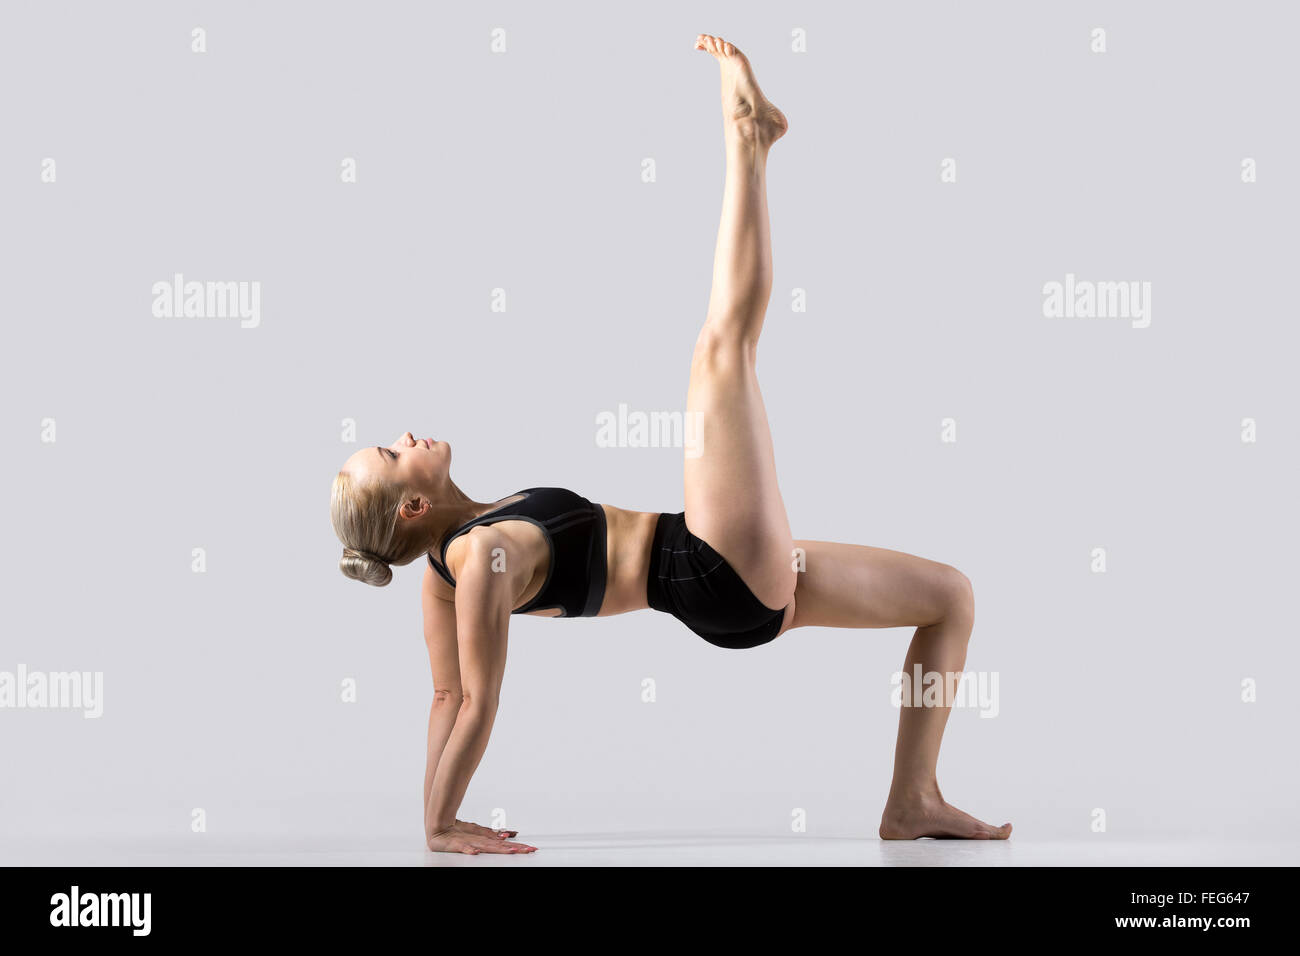 Sportlich Schöne Junge Frau Yoga Zu Praktizieren Variation Der